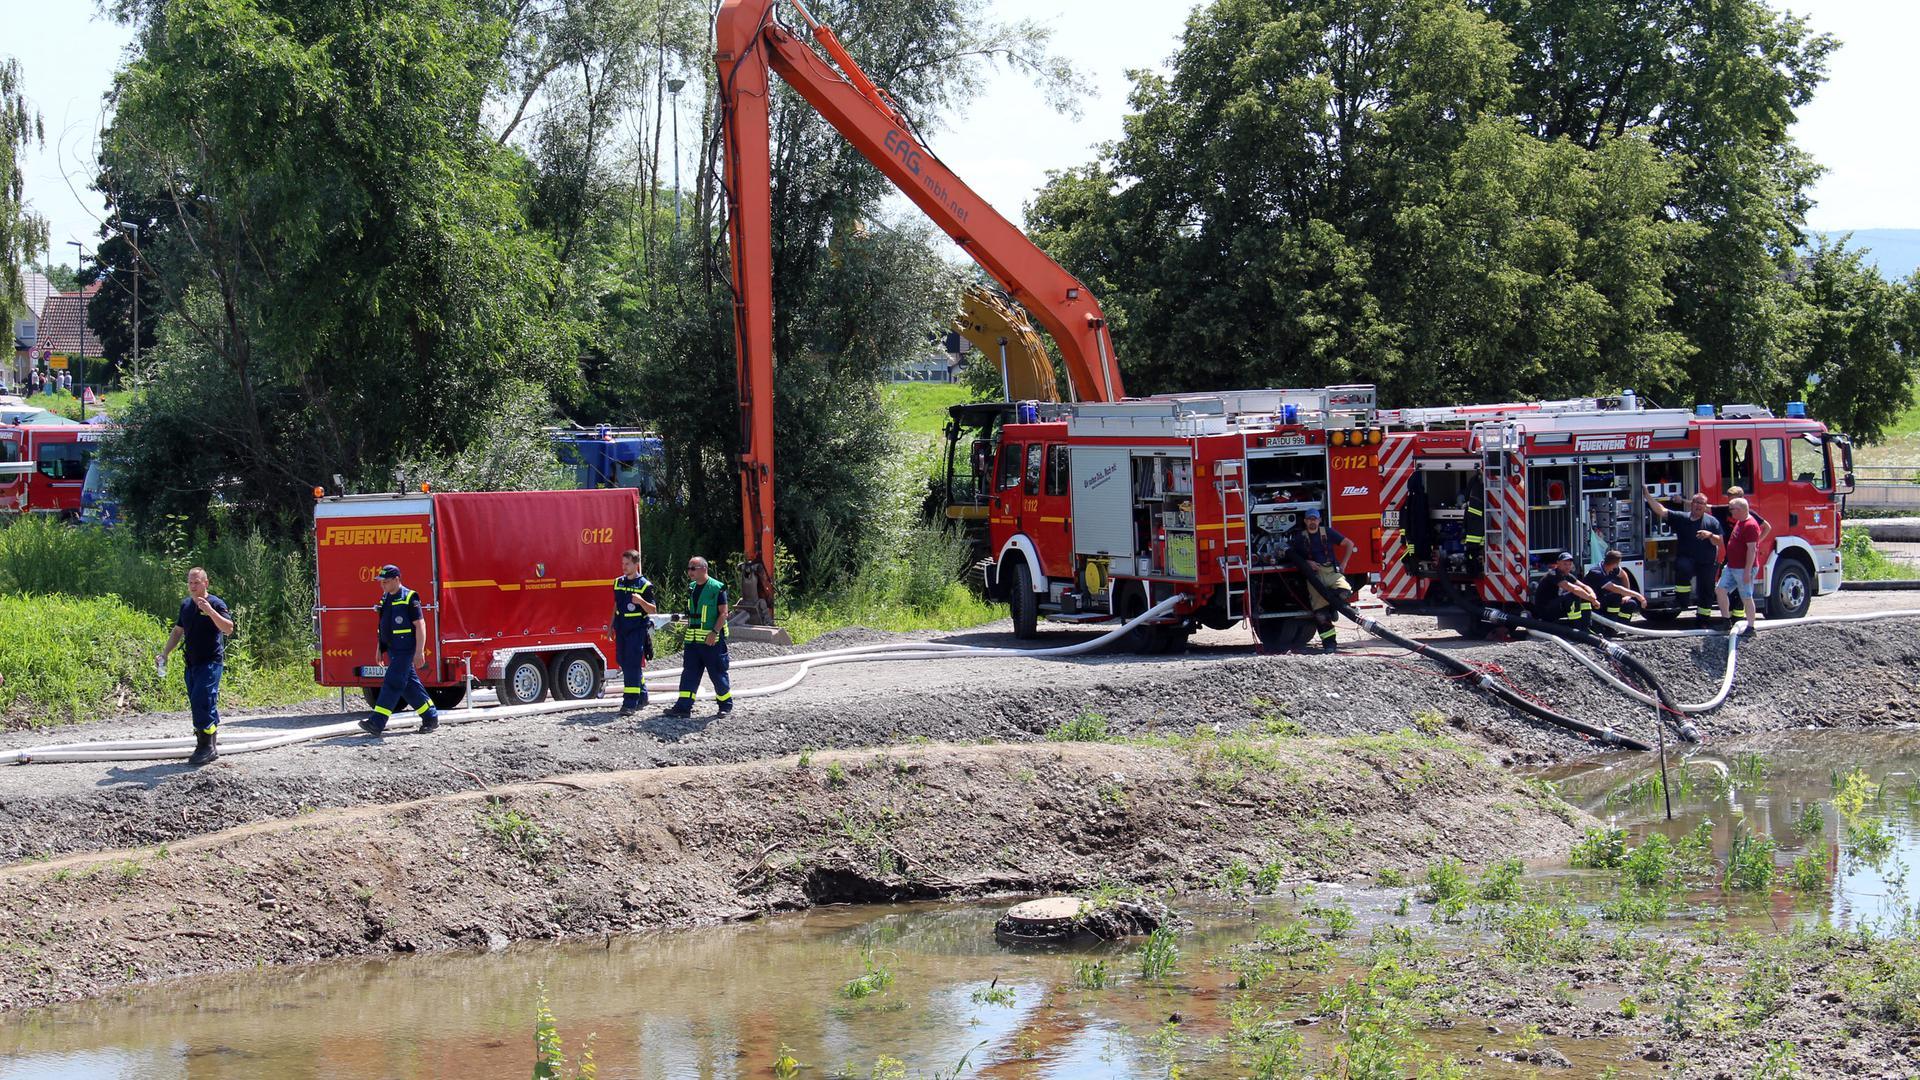 Feuerwehrfahrzeuge an der Einsatzstelle beim Schöpfwerk Rheinstraße in Elchesheim Illingen.